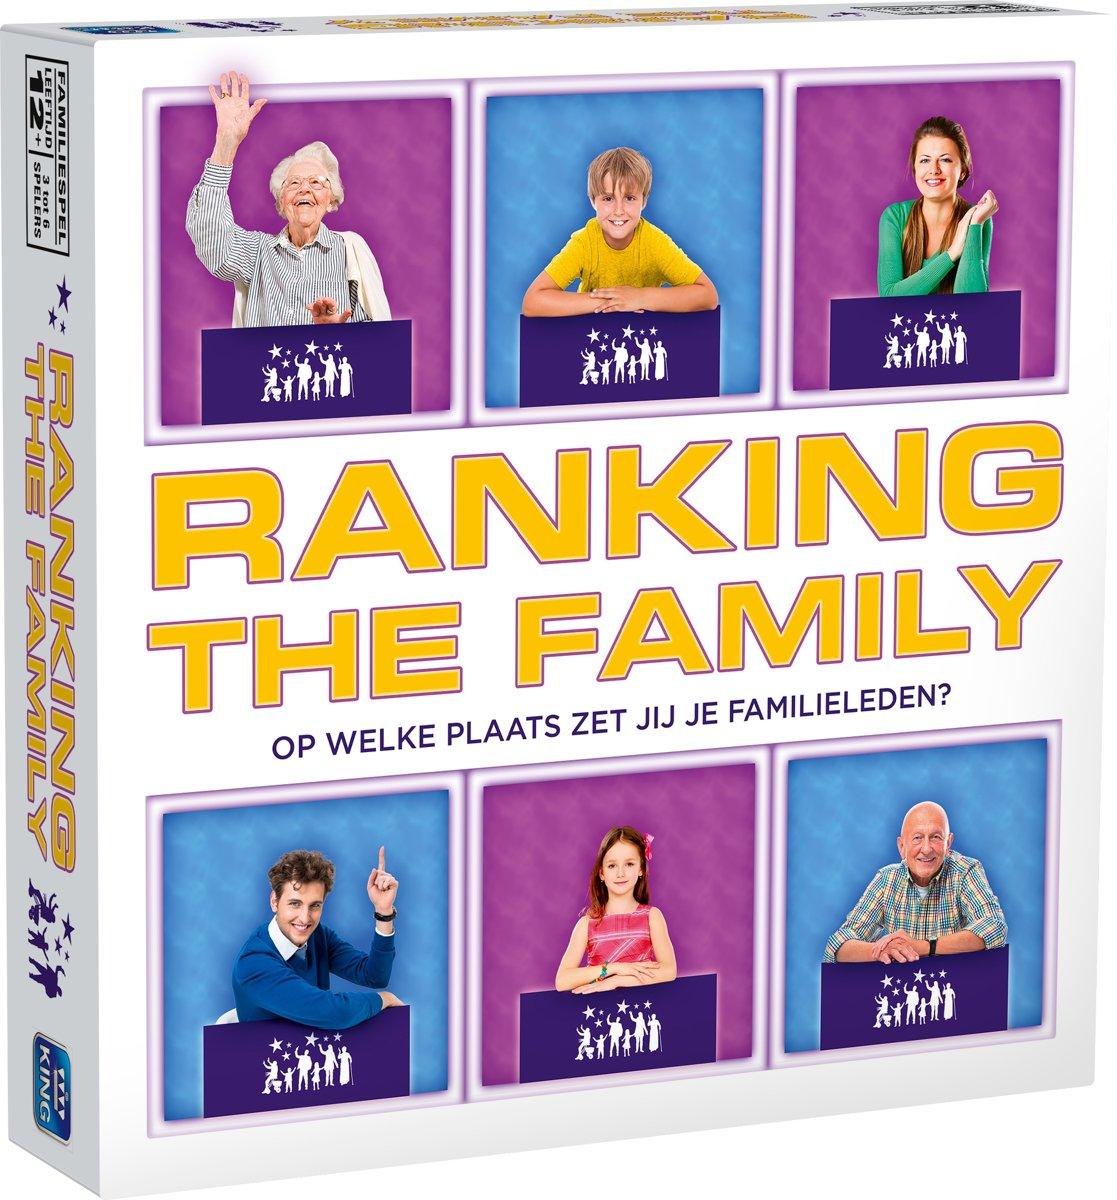 Ranking The Family